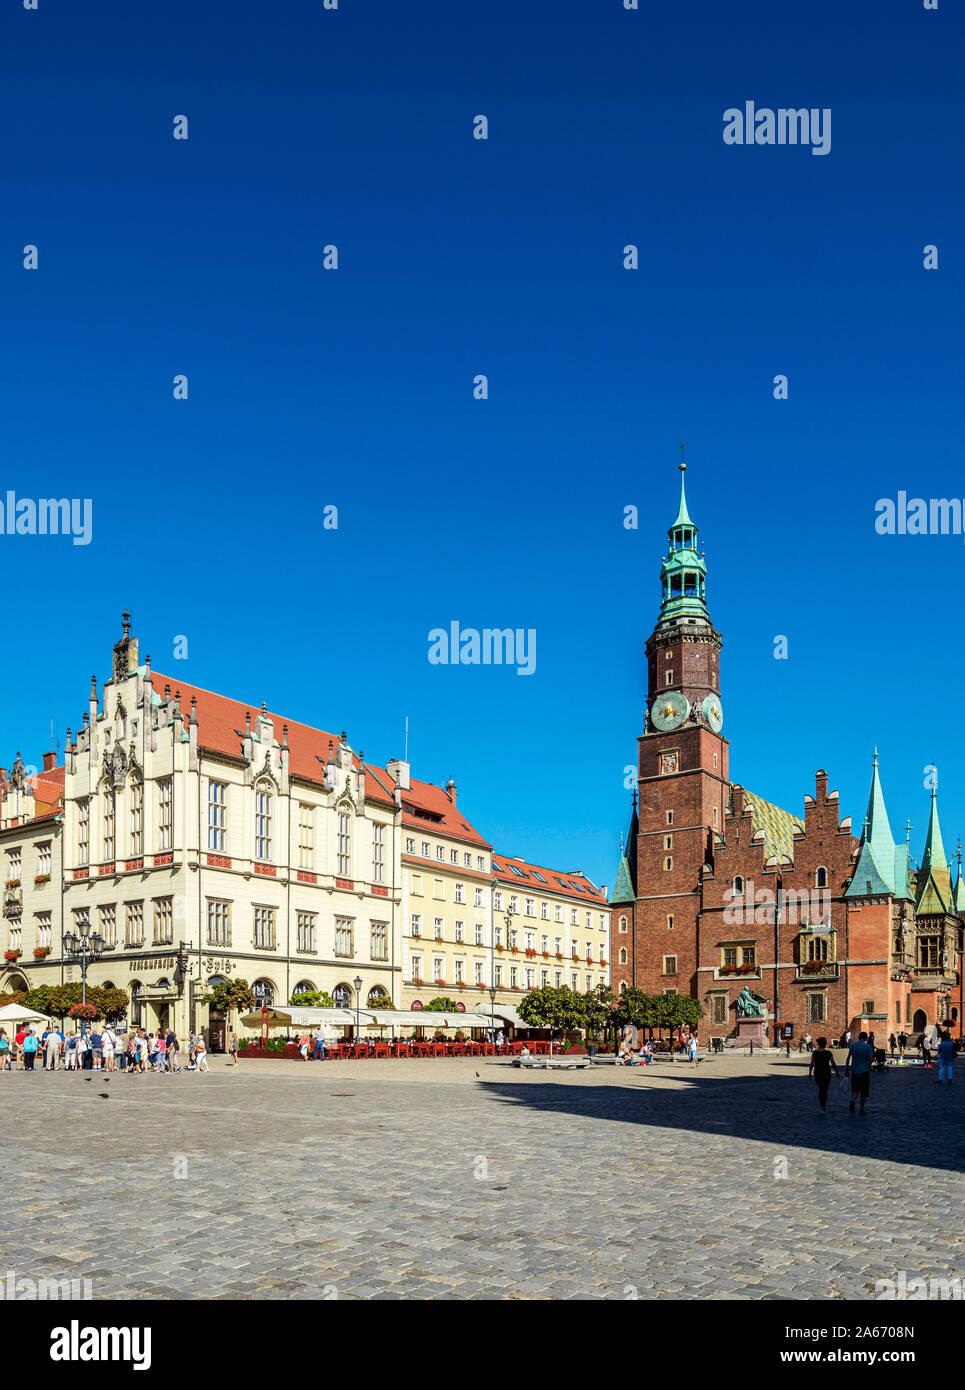 Ayuntamiento de la Ciudad Vieja, La Plaza del Mercado, Wroclaw, Voivodato de Baja Silesia, Polonia Foto de stock